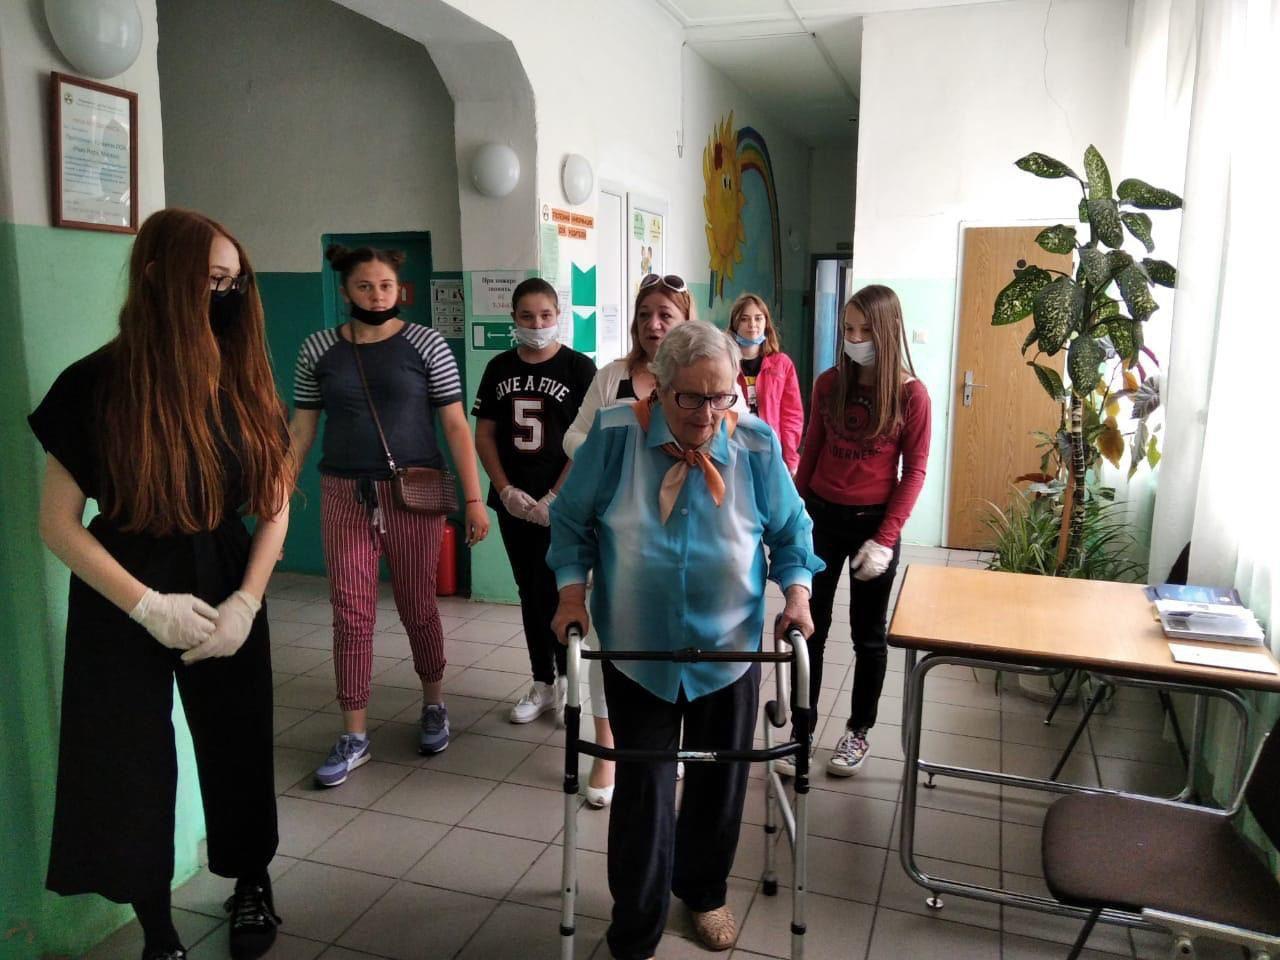 В период борьбы c COVID-19 — особая забота о людях старшего поколения и инвалидах